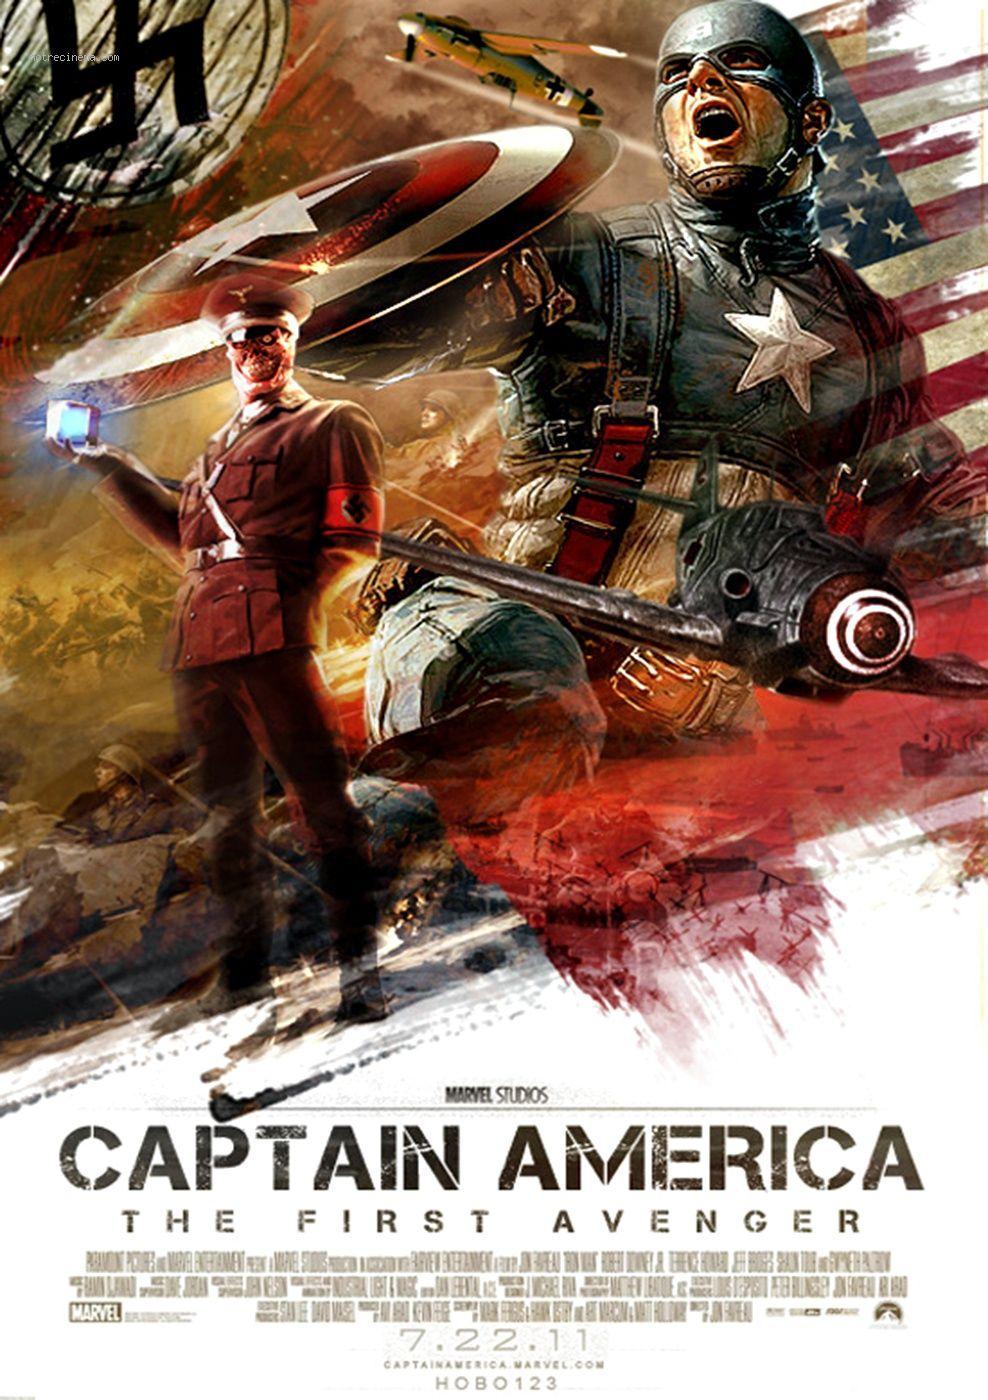 Capitan America El Primer Vengador 2011 Captain America Movie Marvel Movie Posters Movie Posters